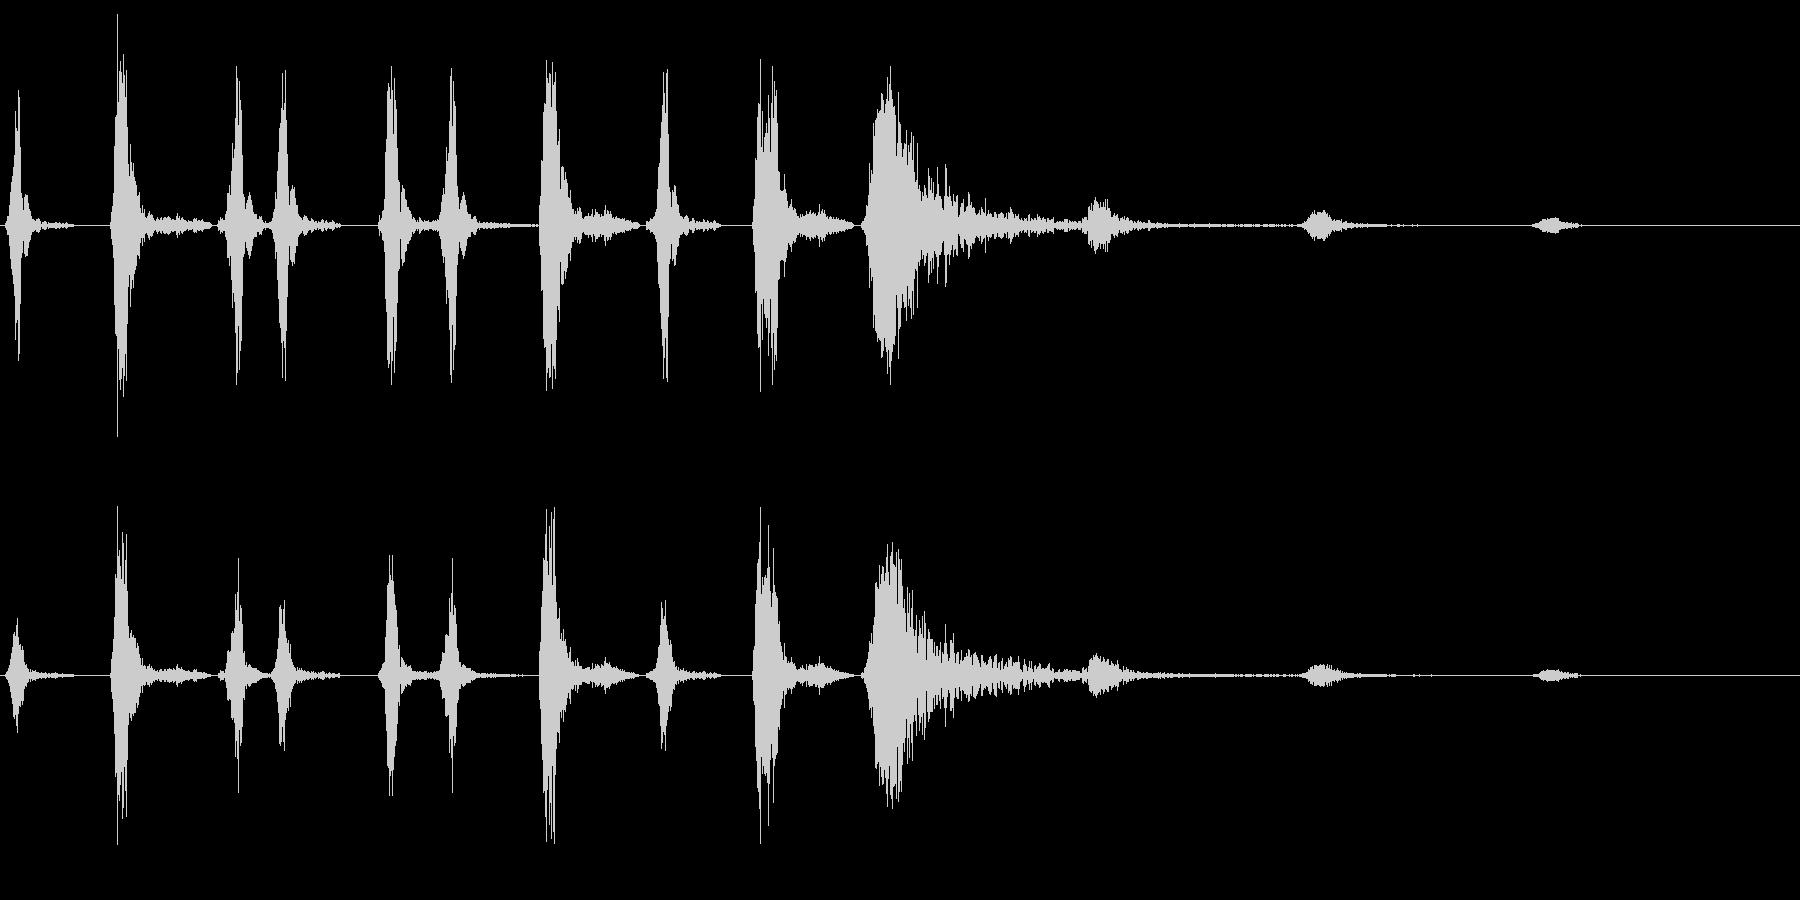 リズミカルな風切り音の未再生の波形